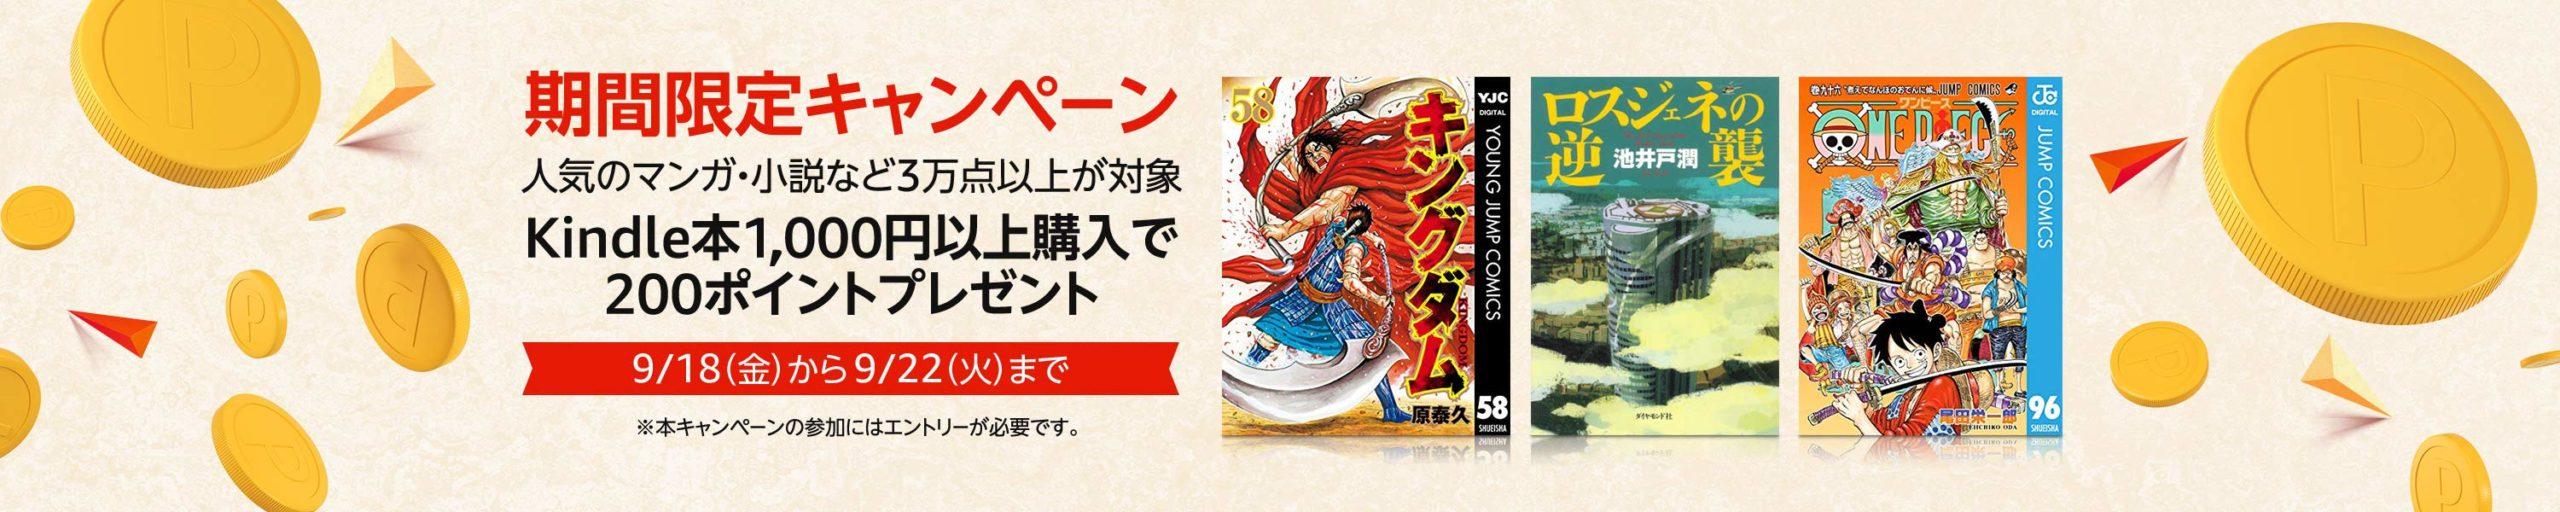 キンドル本1000円以上購入で200ポイントが貰える。100%ポイント本を買いまくればOK。~9/22。